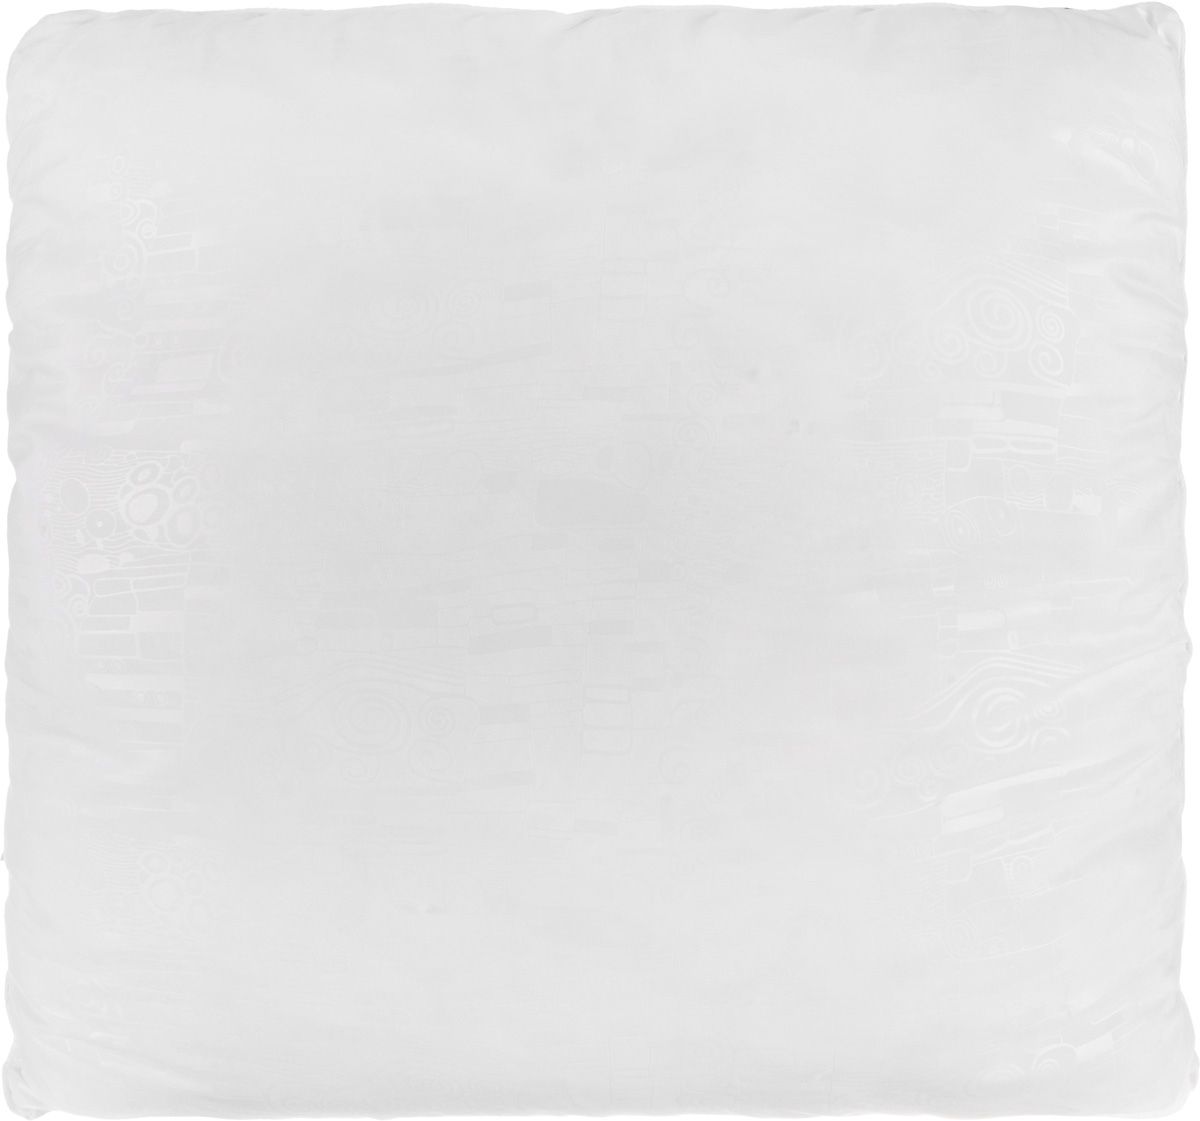 Подушка Smart Textile Безмятежность, наполнитель: лебяжий пух, алоэ вера, цвет: белый, 70 х 70 смU210DFУдобная и мягкая подушка Smart Textile Безмятежность подарит здоровый сон и отличный отдых. Чехол подушки на молнии выполнен из микрофибры с красивым узором. В качестве наполнителя используется лебяжий пух, пропитанный экстрактом алоэ вера.Лебяжий пух - это 100% сверхтонкое высокосиликонизированное волокно. Такой наполнитель мягкий, приятный на ощупь и гипоаллергенный. Подушка удобна в эксплуатации: легко стирается, быстро сохнет, сохраняя первоначальные свойства, устойчива к воздействию прямых солнечных лучей, износостойка и прочна. Изделие обладает высокой теплоизоляционной способностью - не вызывает перегрева головы.Подушка обеспечит оптимальную, в меру упругую поддержку головы во время сна. На такой подушке комфортно спать в любую погоду людям всех возрастов.